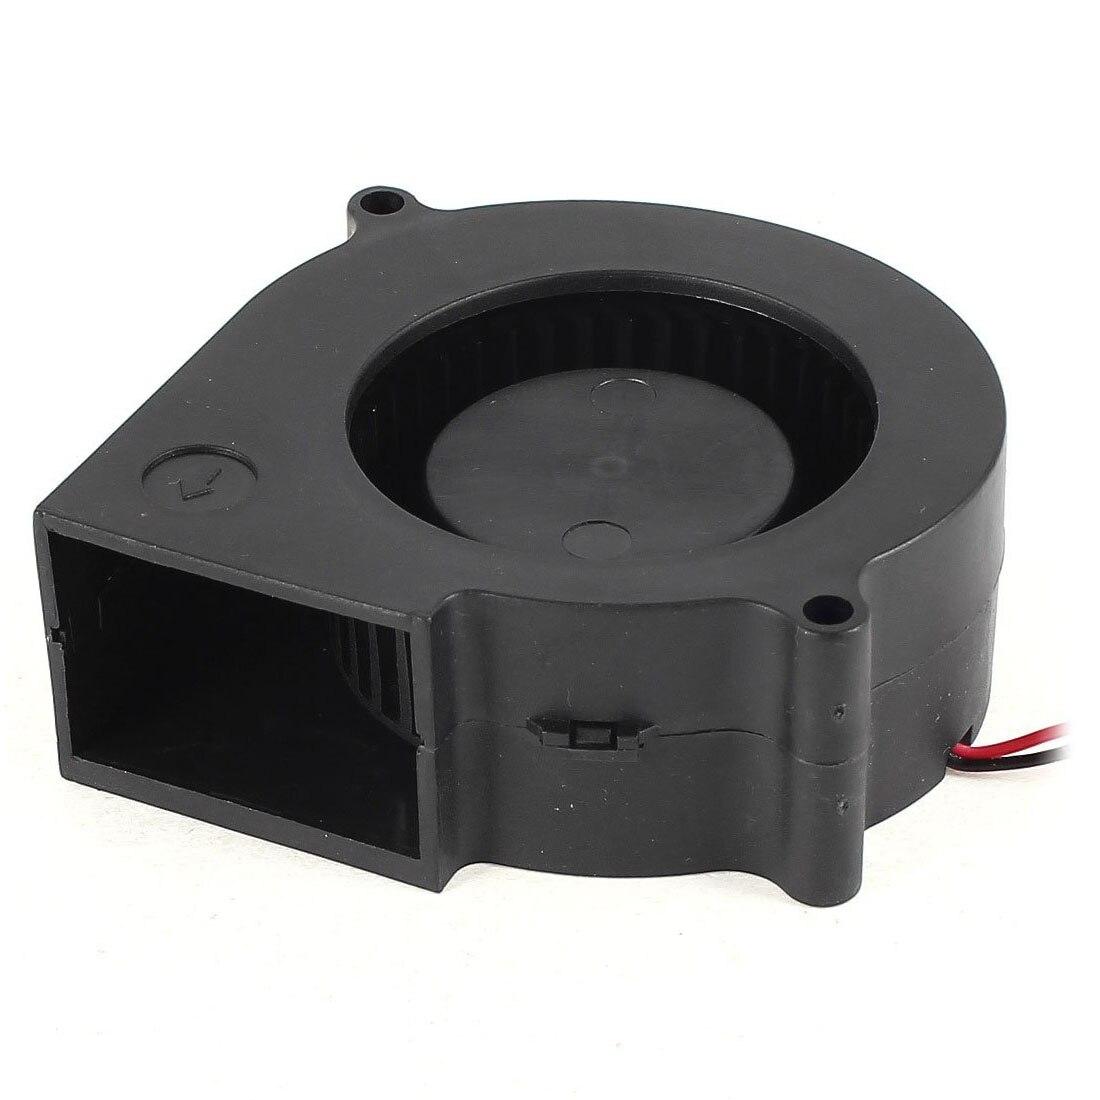 Ventilateur de refroidissement sans balais pour PC, 75 mm X 30mm, 2 broches DC 12 V